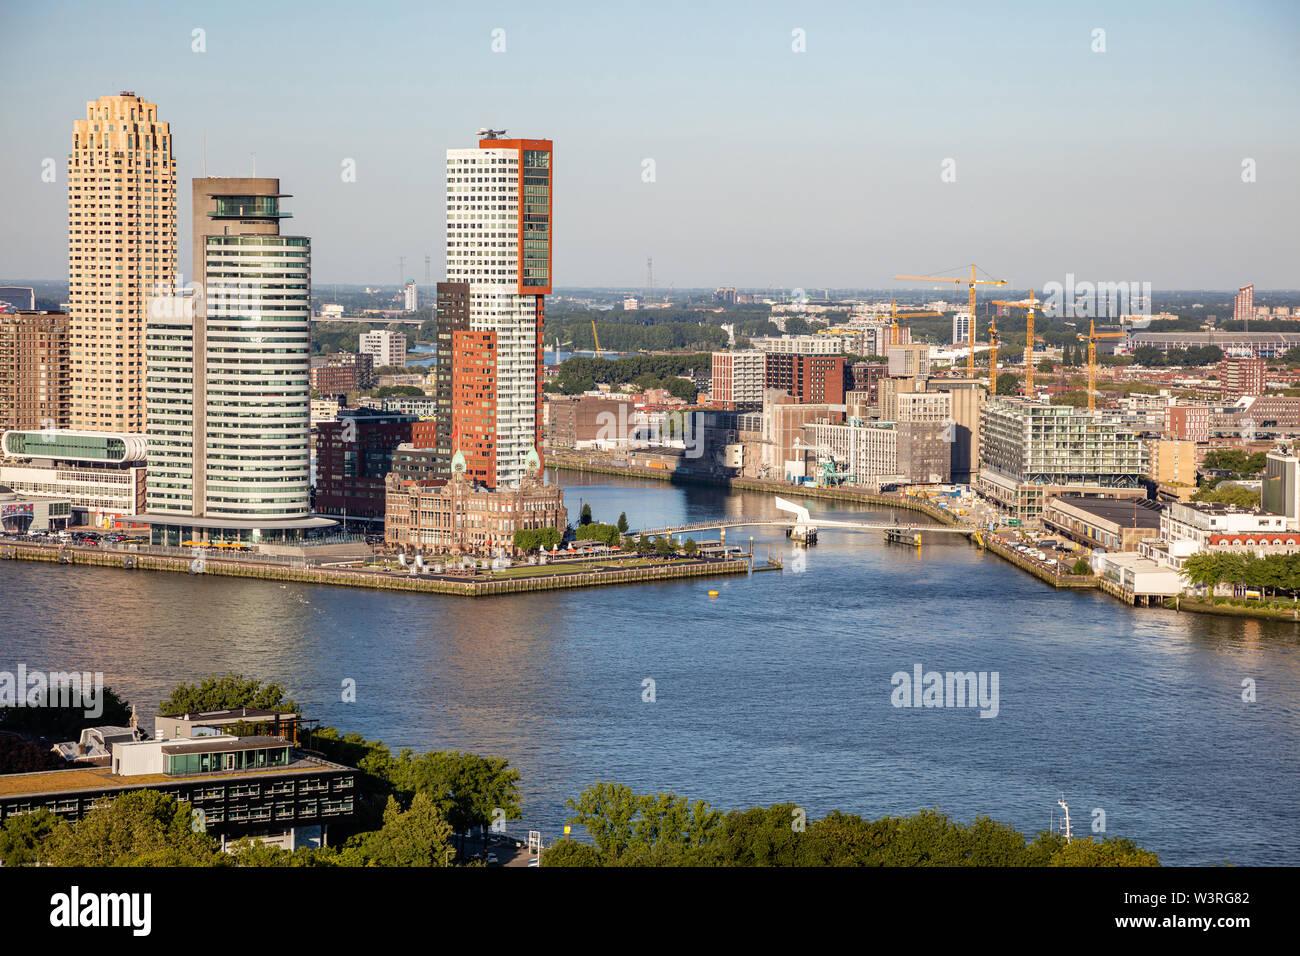 Vista aérea de la ciudad de Rotterdam. Paisaje y río Maas, día soleado de verano, vista desde la torre Euromast, Países Bajos Foto de stock